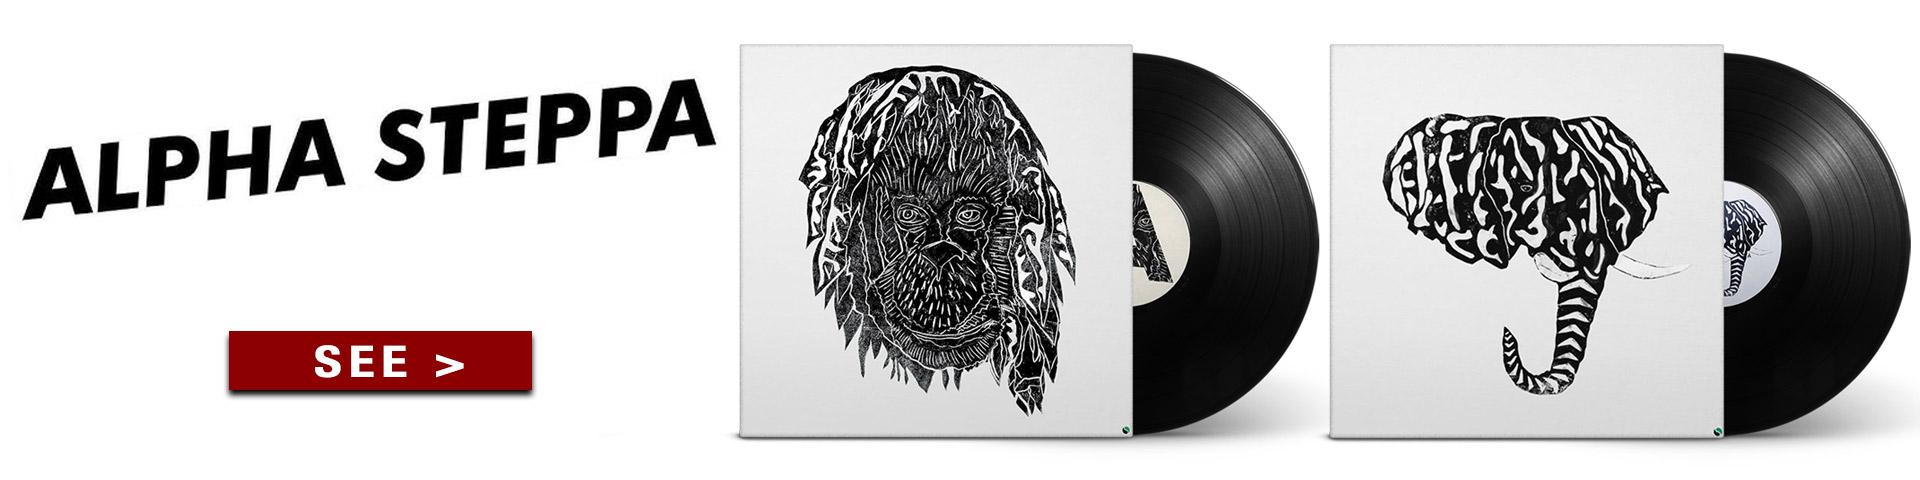 alpha-steppa-vinyls